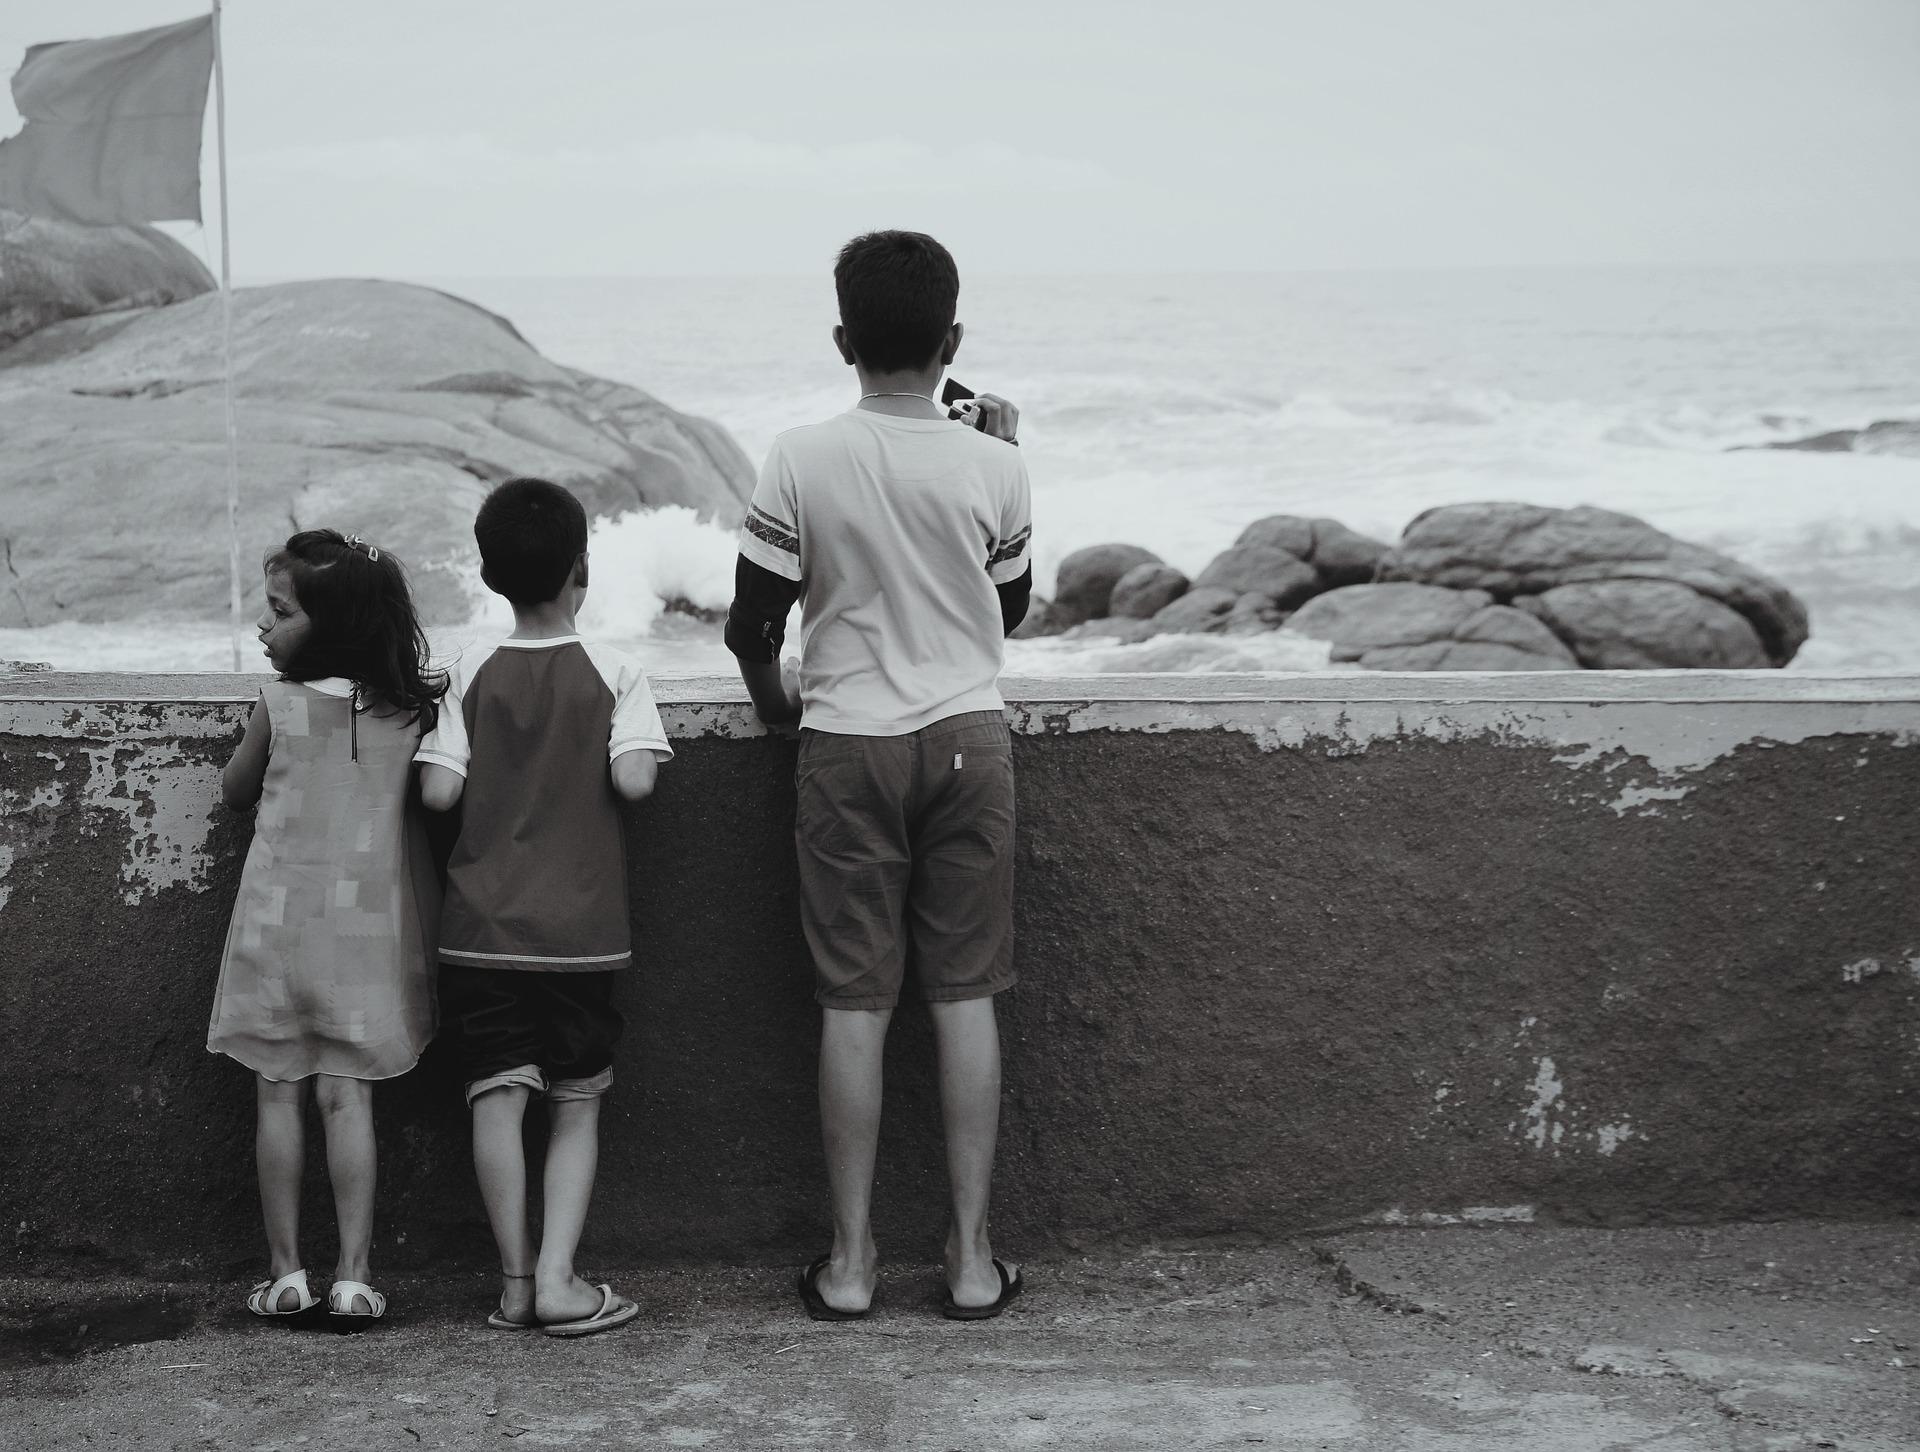 children-1700932_1920